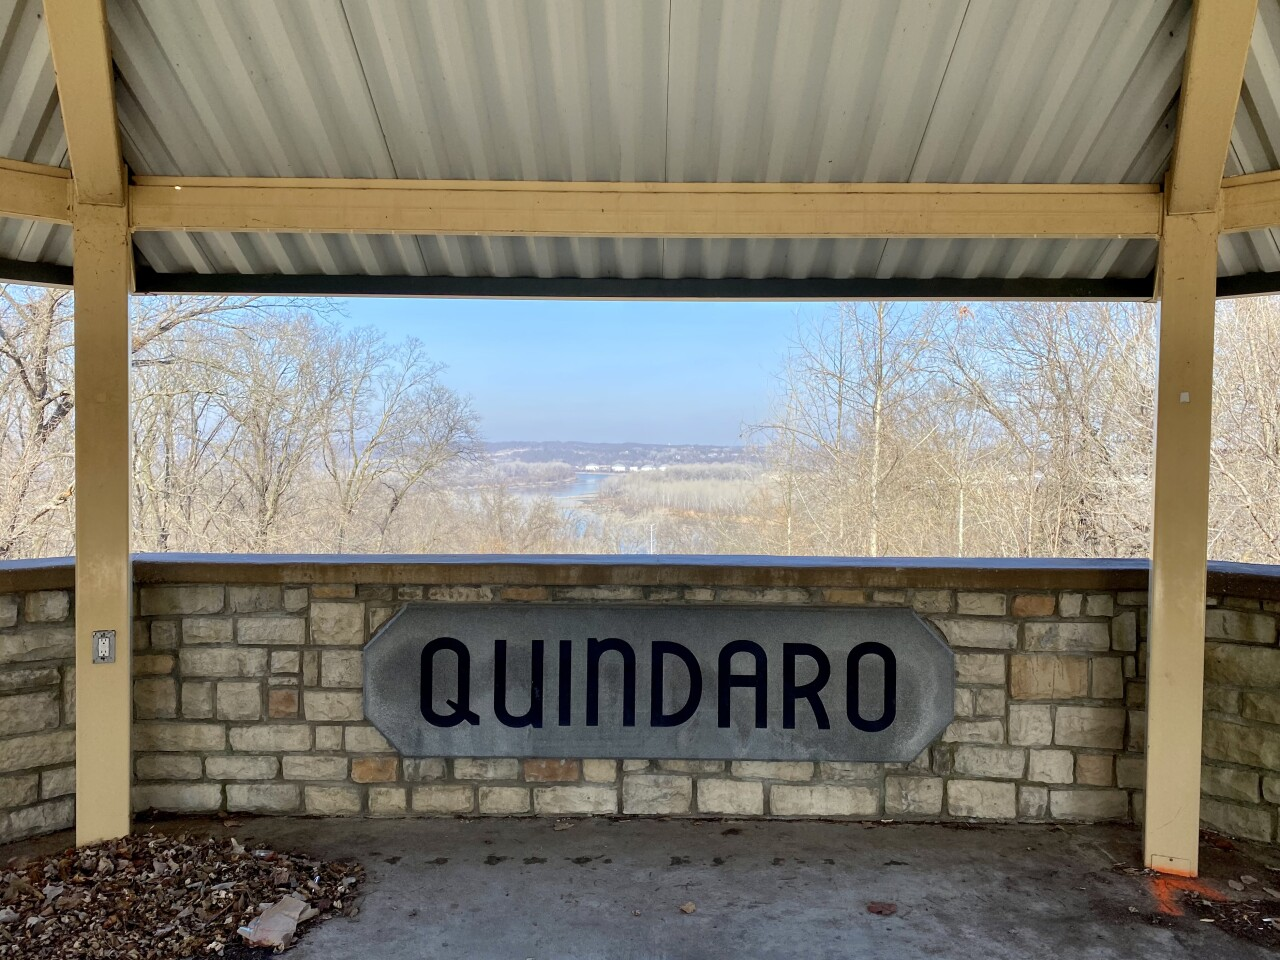 Quindaro Overlook